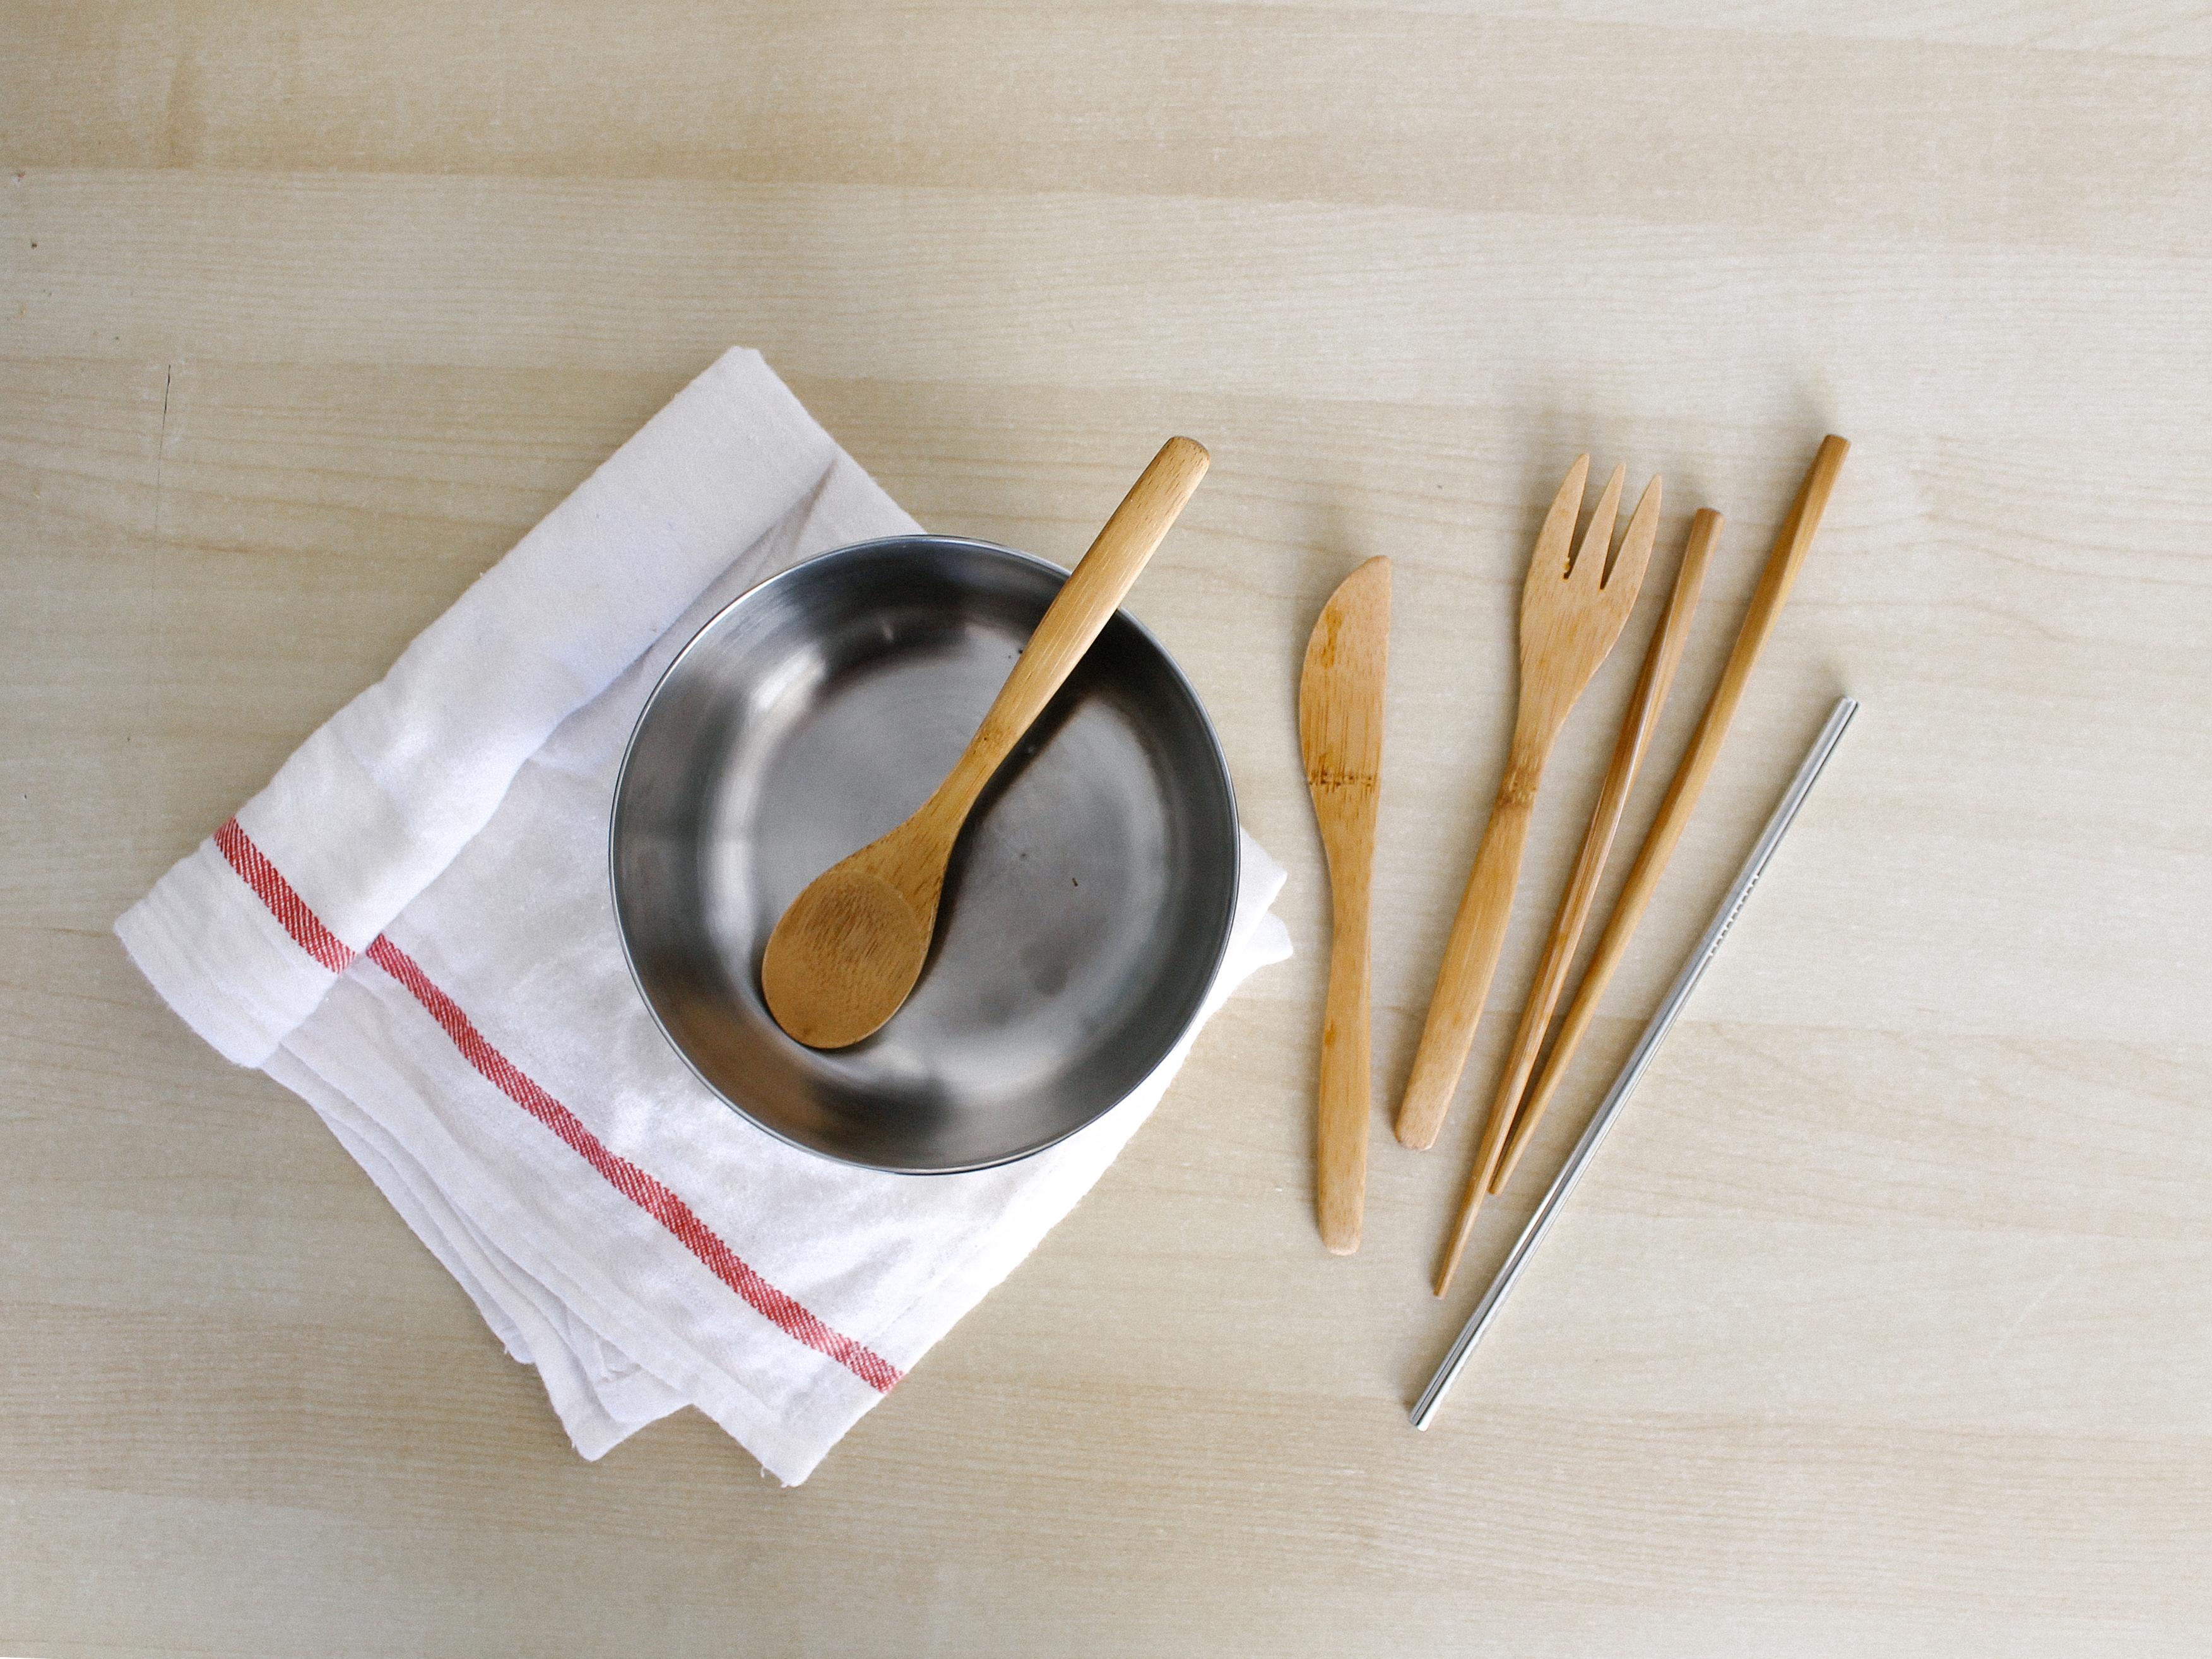 reusable kitchen utensils zero waste